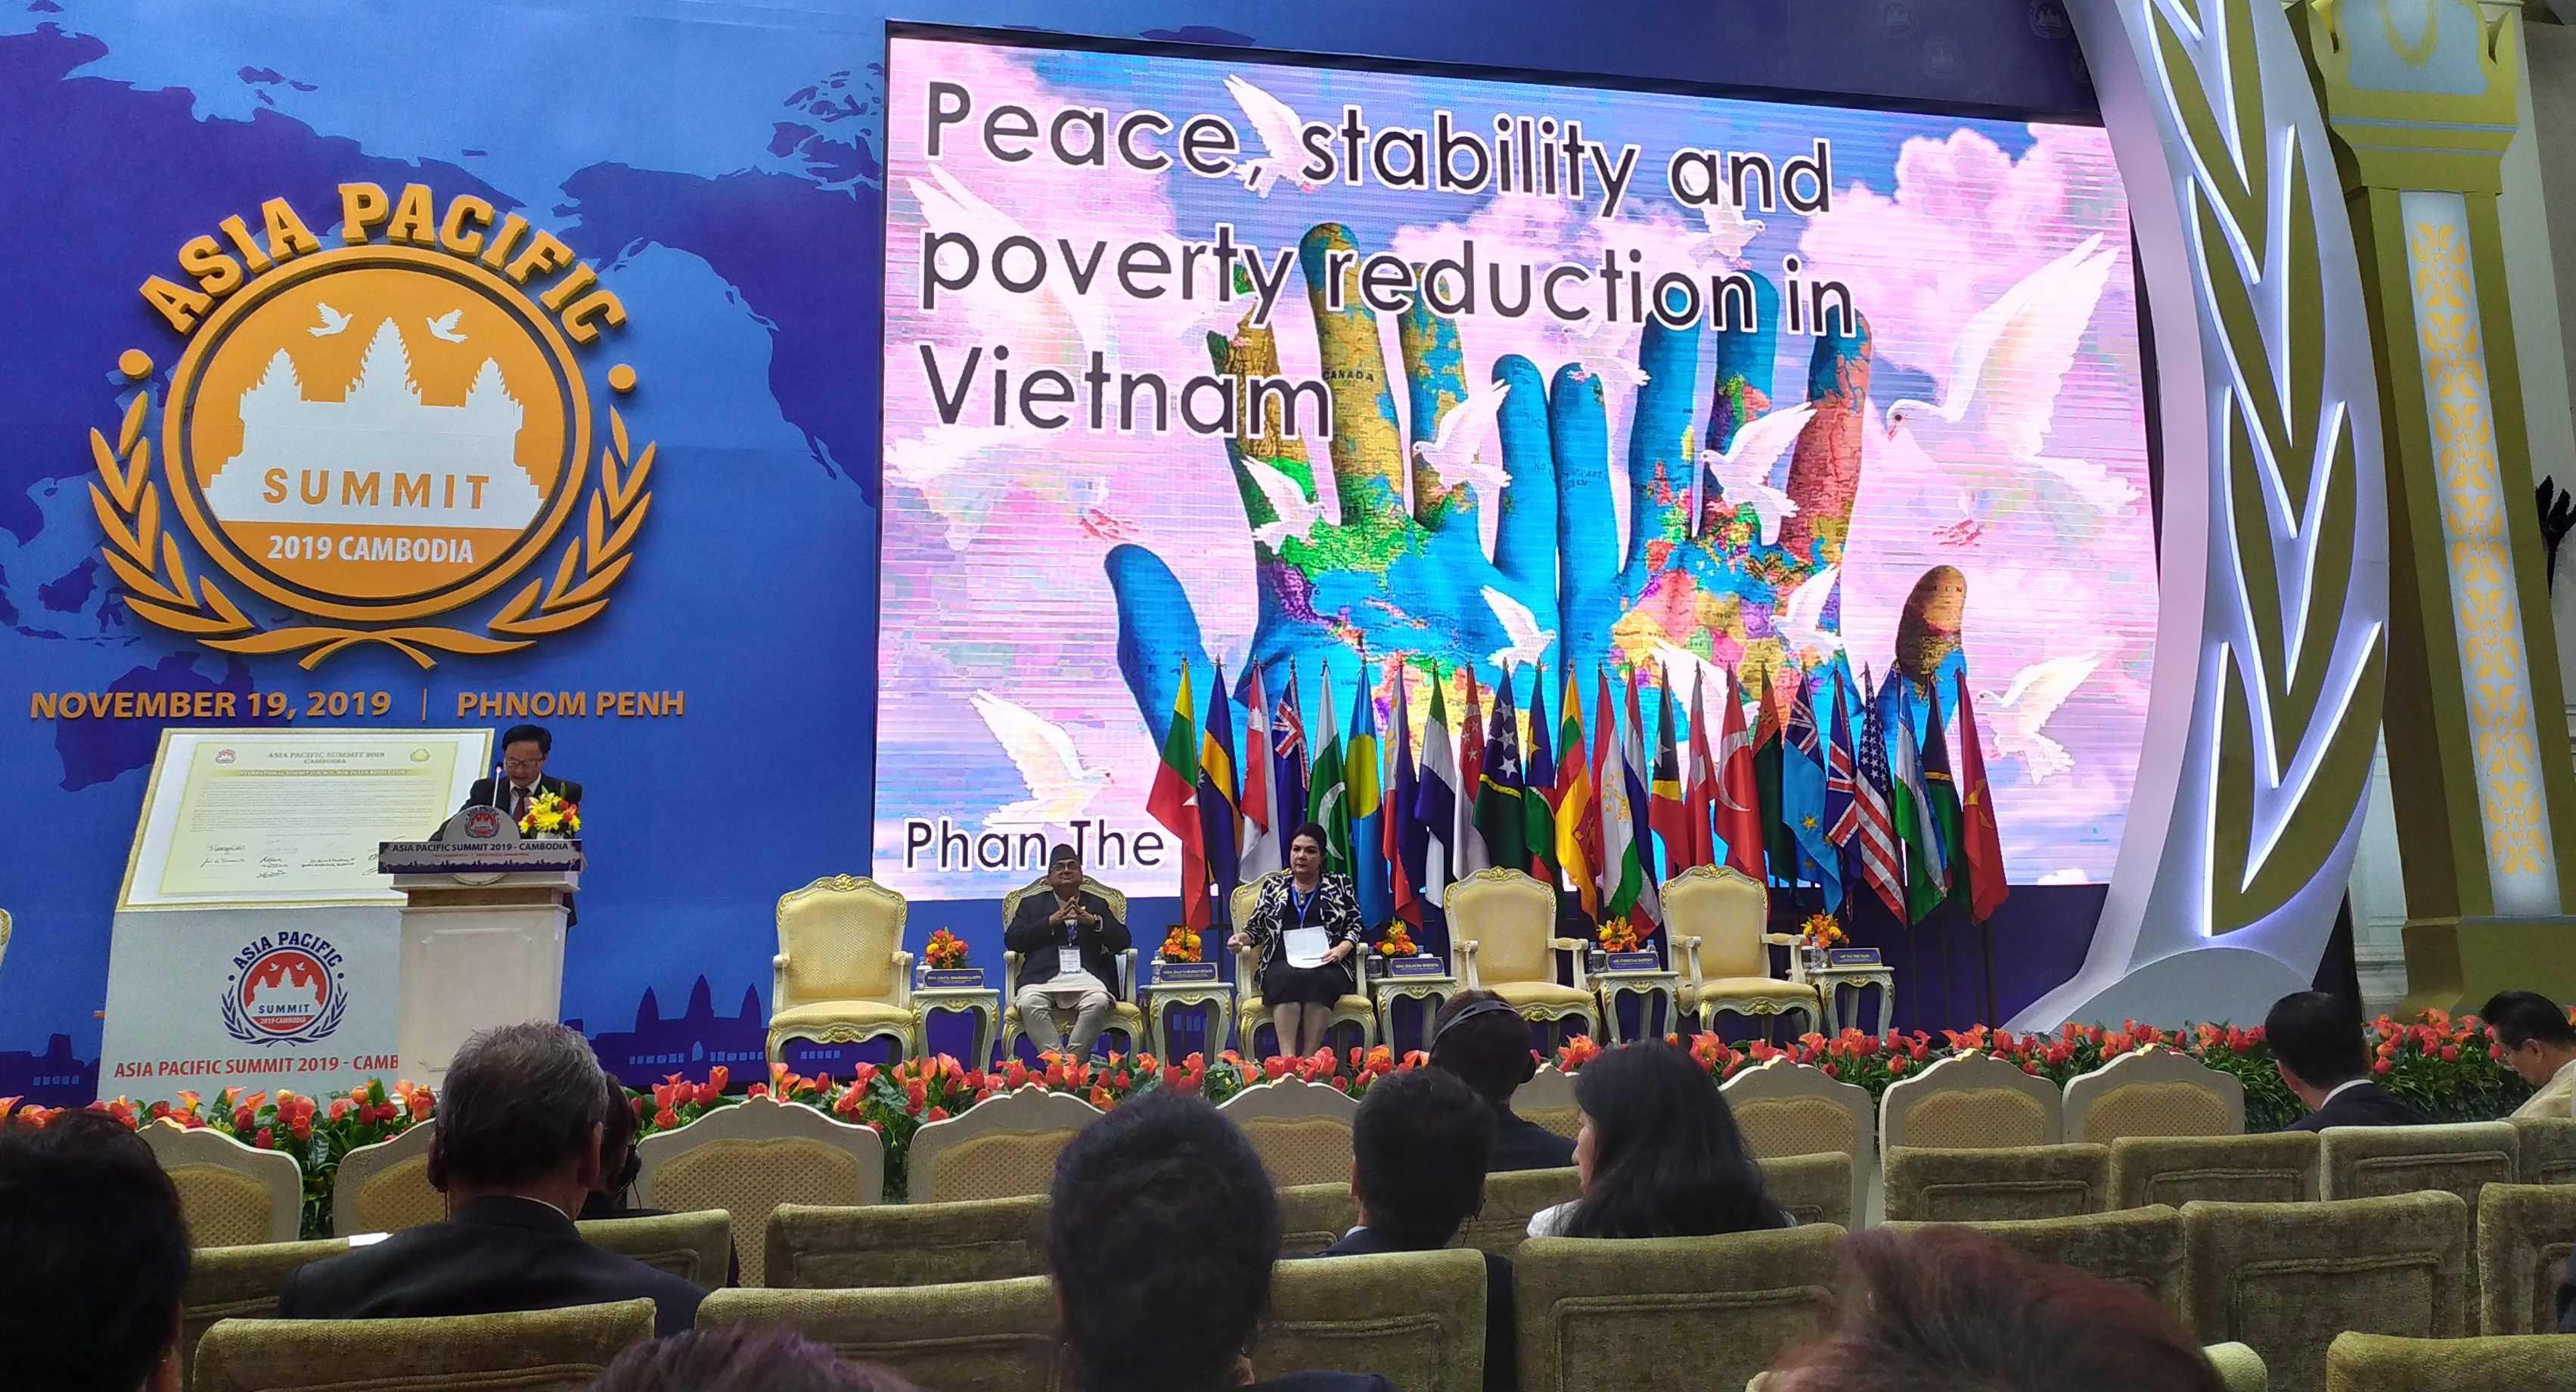 Кроме прочего, пристальное внимание в ходе саммита было уделено Вьетнаму, соседу Камбоджи, тоже пережившему многолетний период войн…